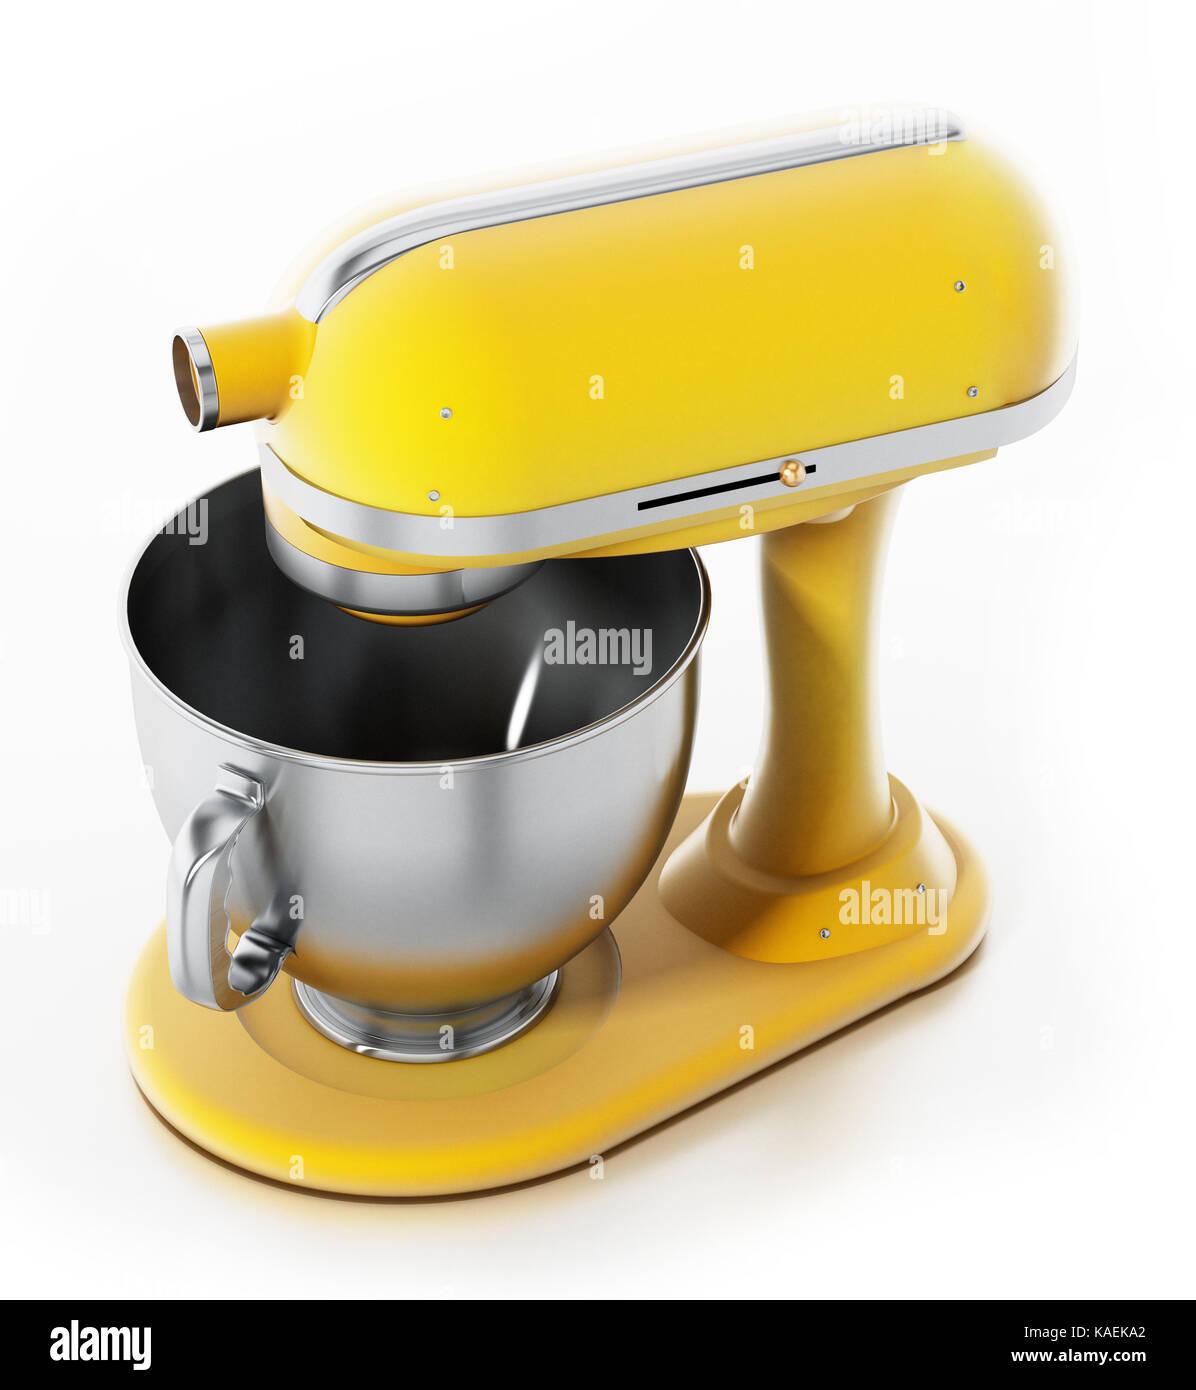 Vintage Kitchen Appliances Stockfotos & Vintage Kitchen Appliances ...